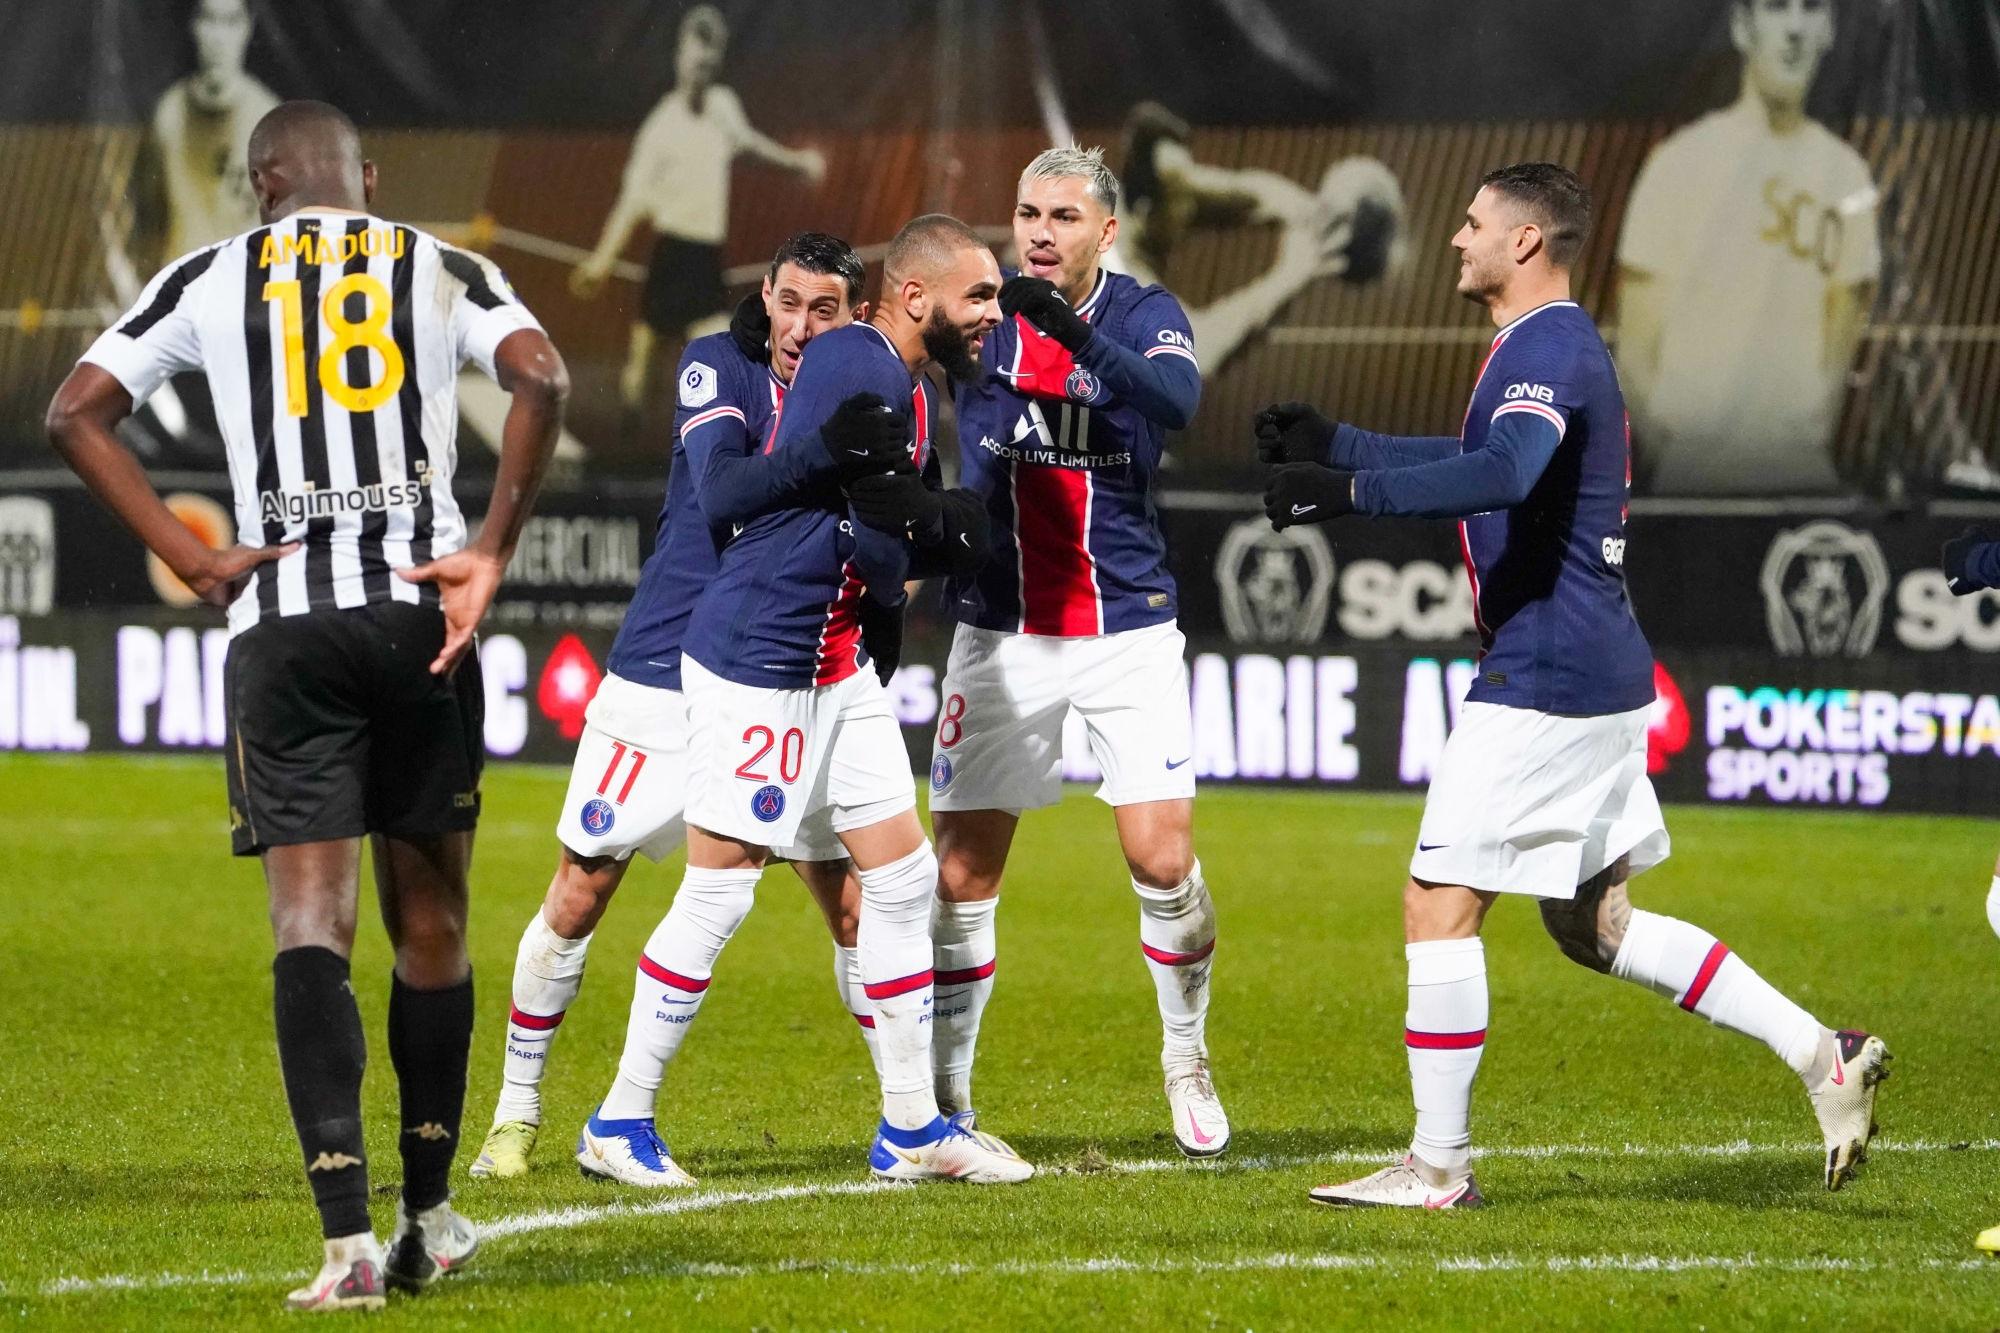 """Angers/PSG - Paredes """"Nous sommes heureux, parce qu'il fallait gagner"""""""